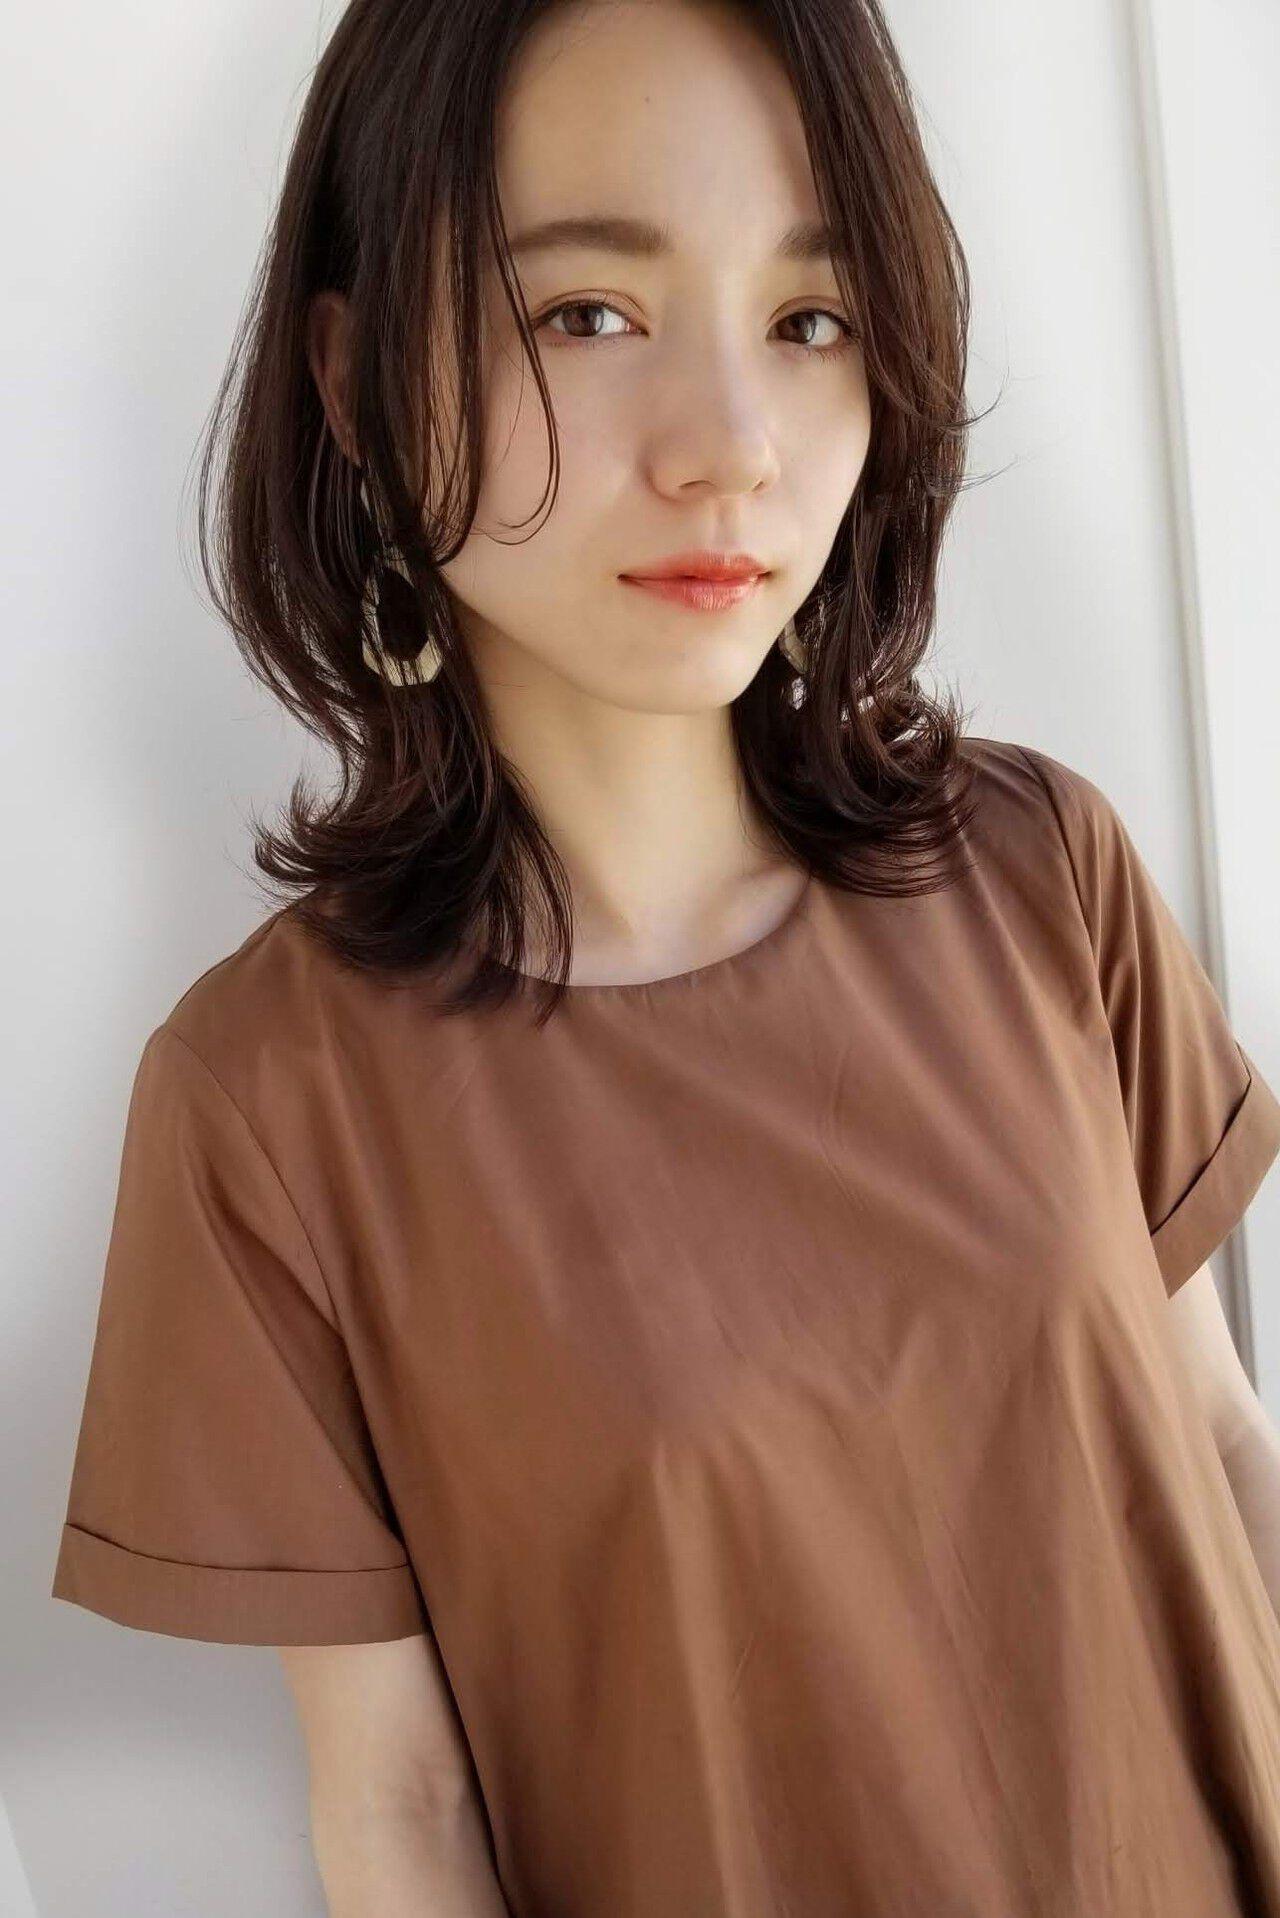 セミロング 前髪なし レイヤーカット アンニュイほつれヘアヘアスタイルや髪型の写真・画像